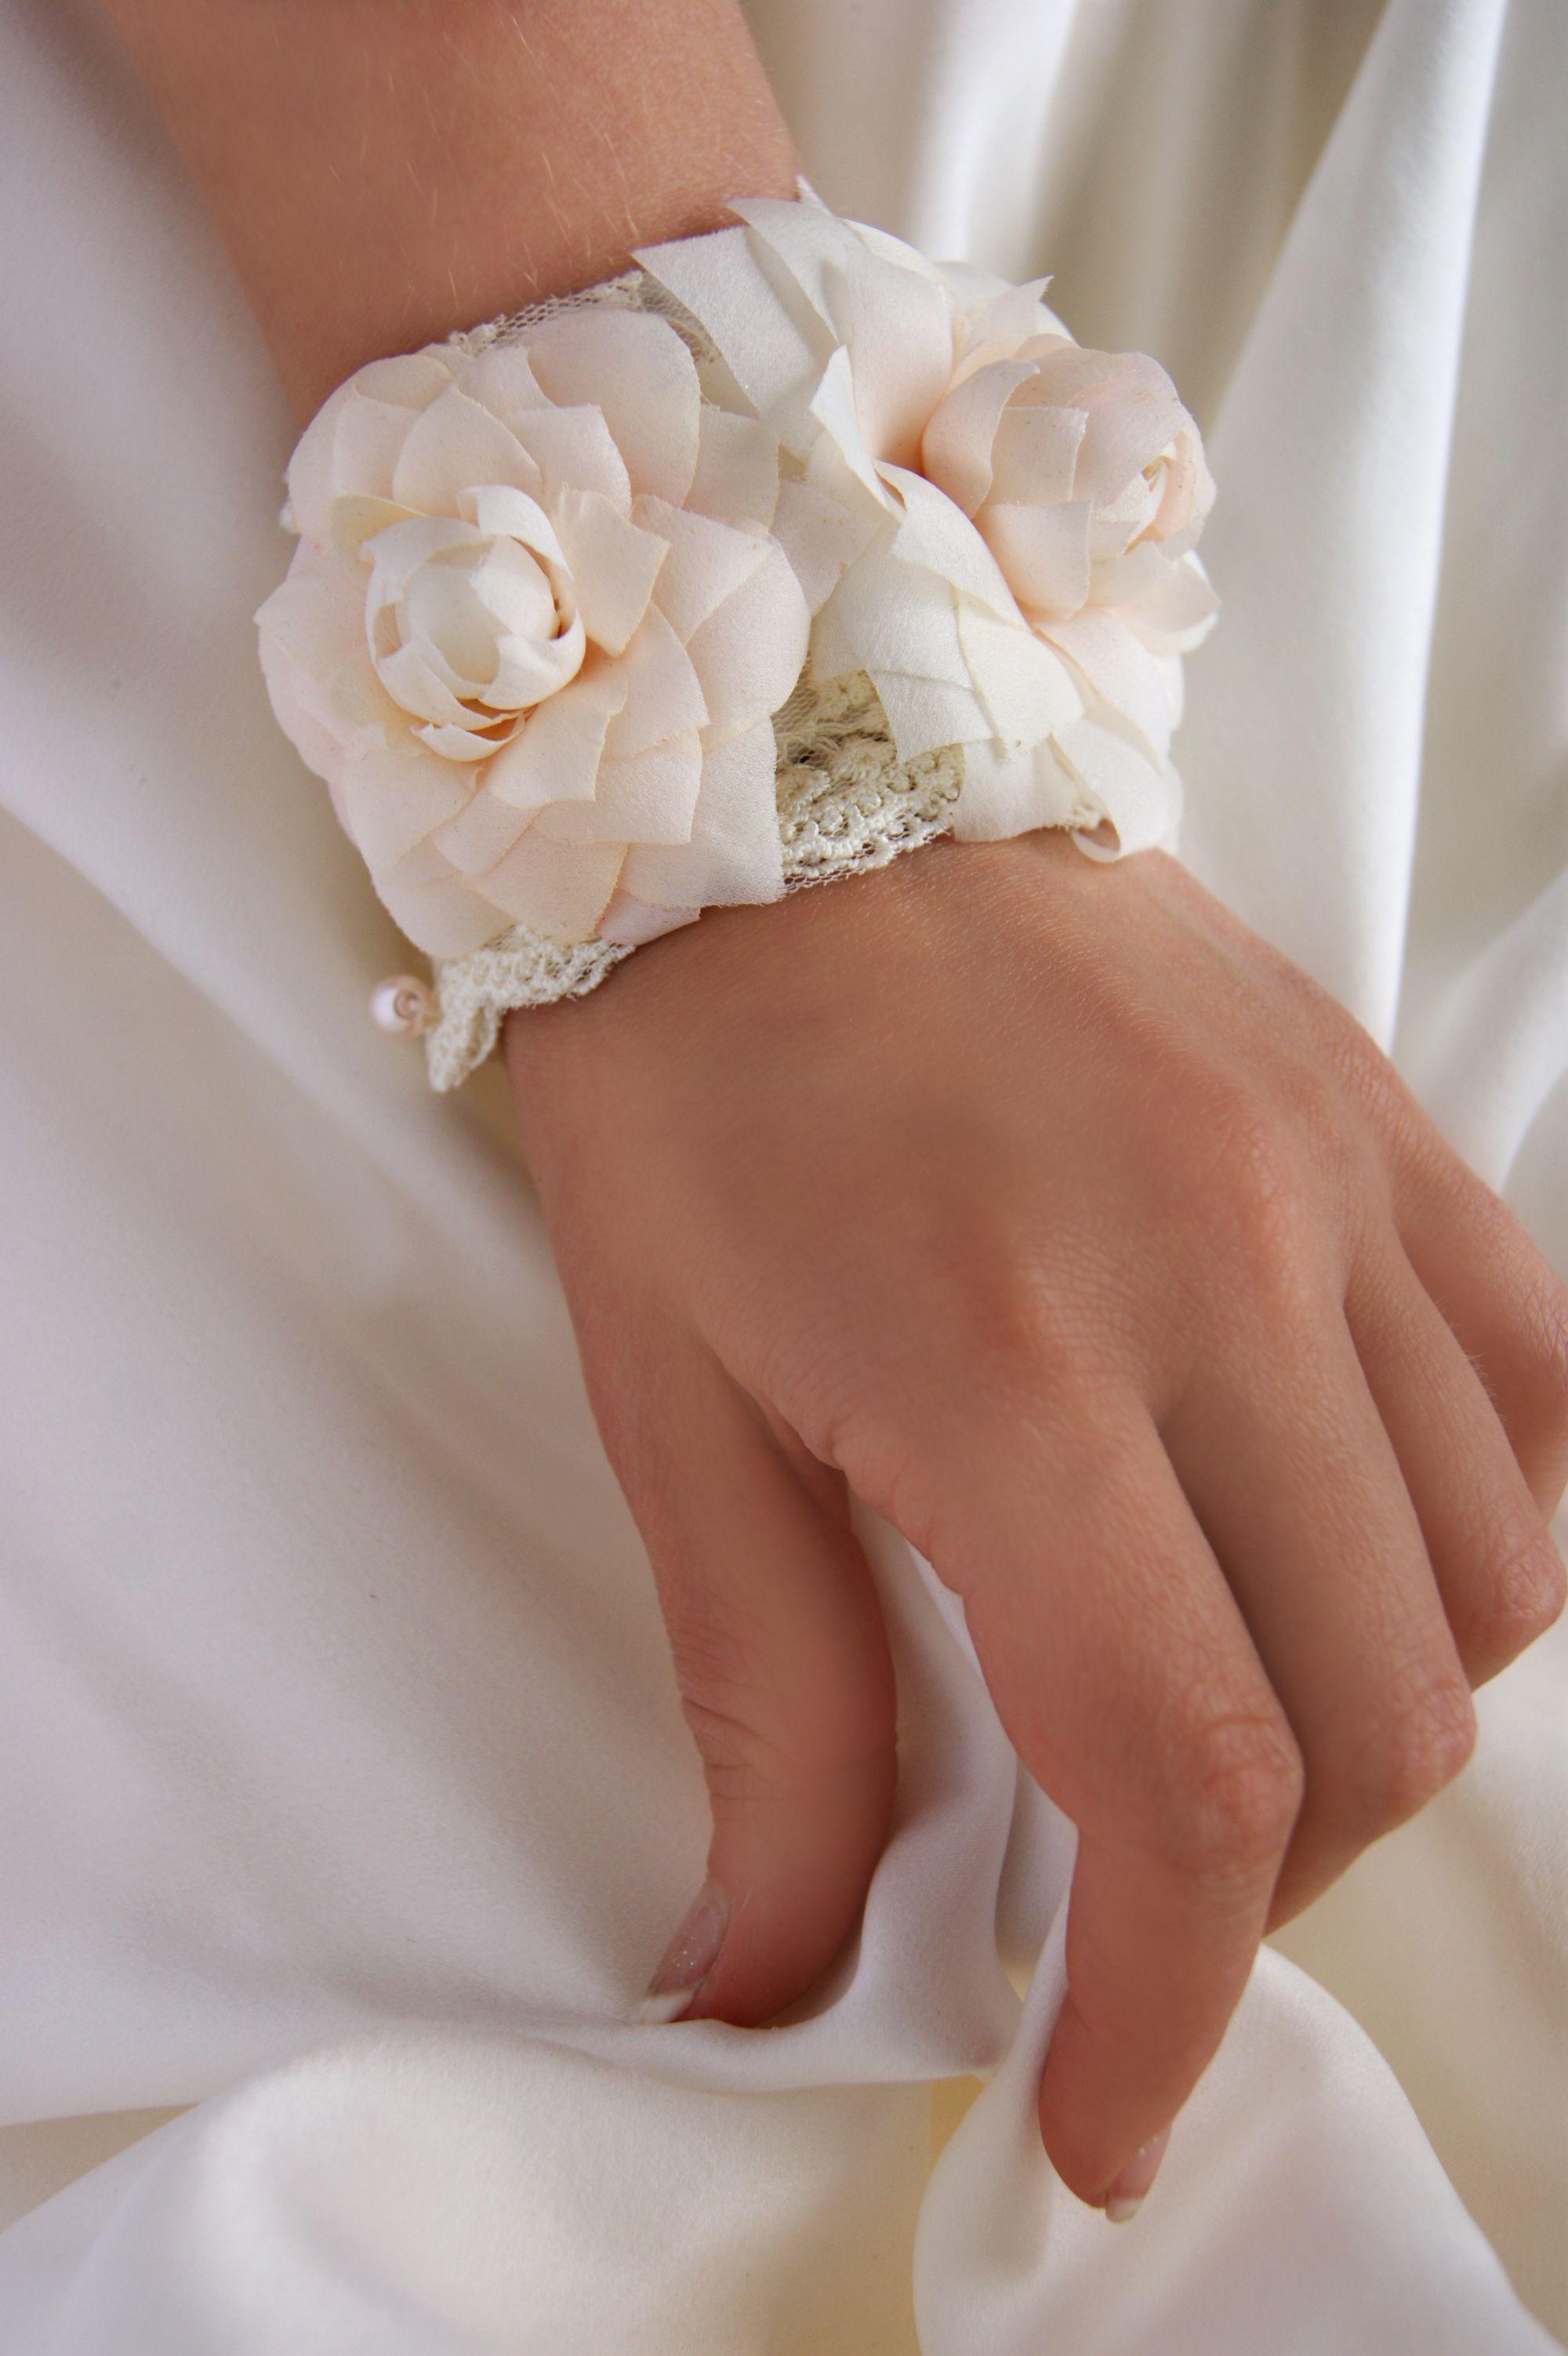 шелк ручнаяработа свадьб цветыизшелка аксессуары цветы